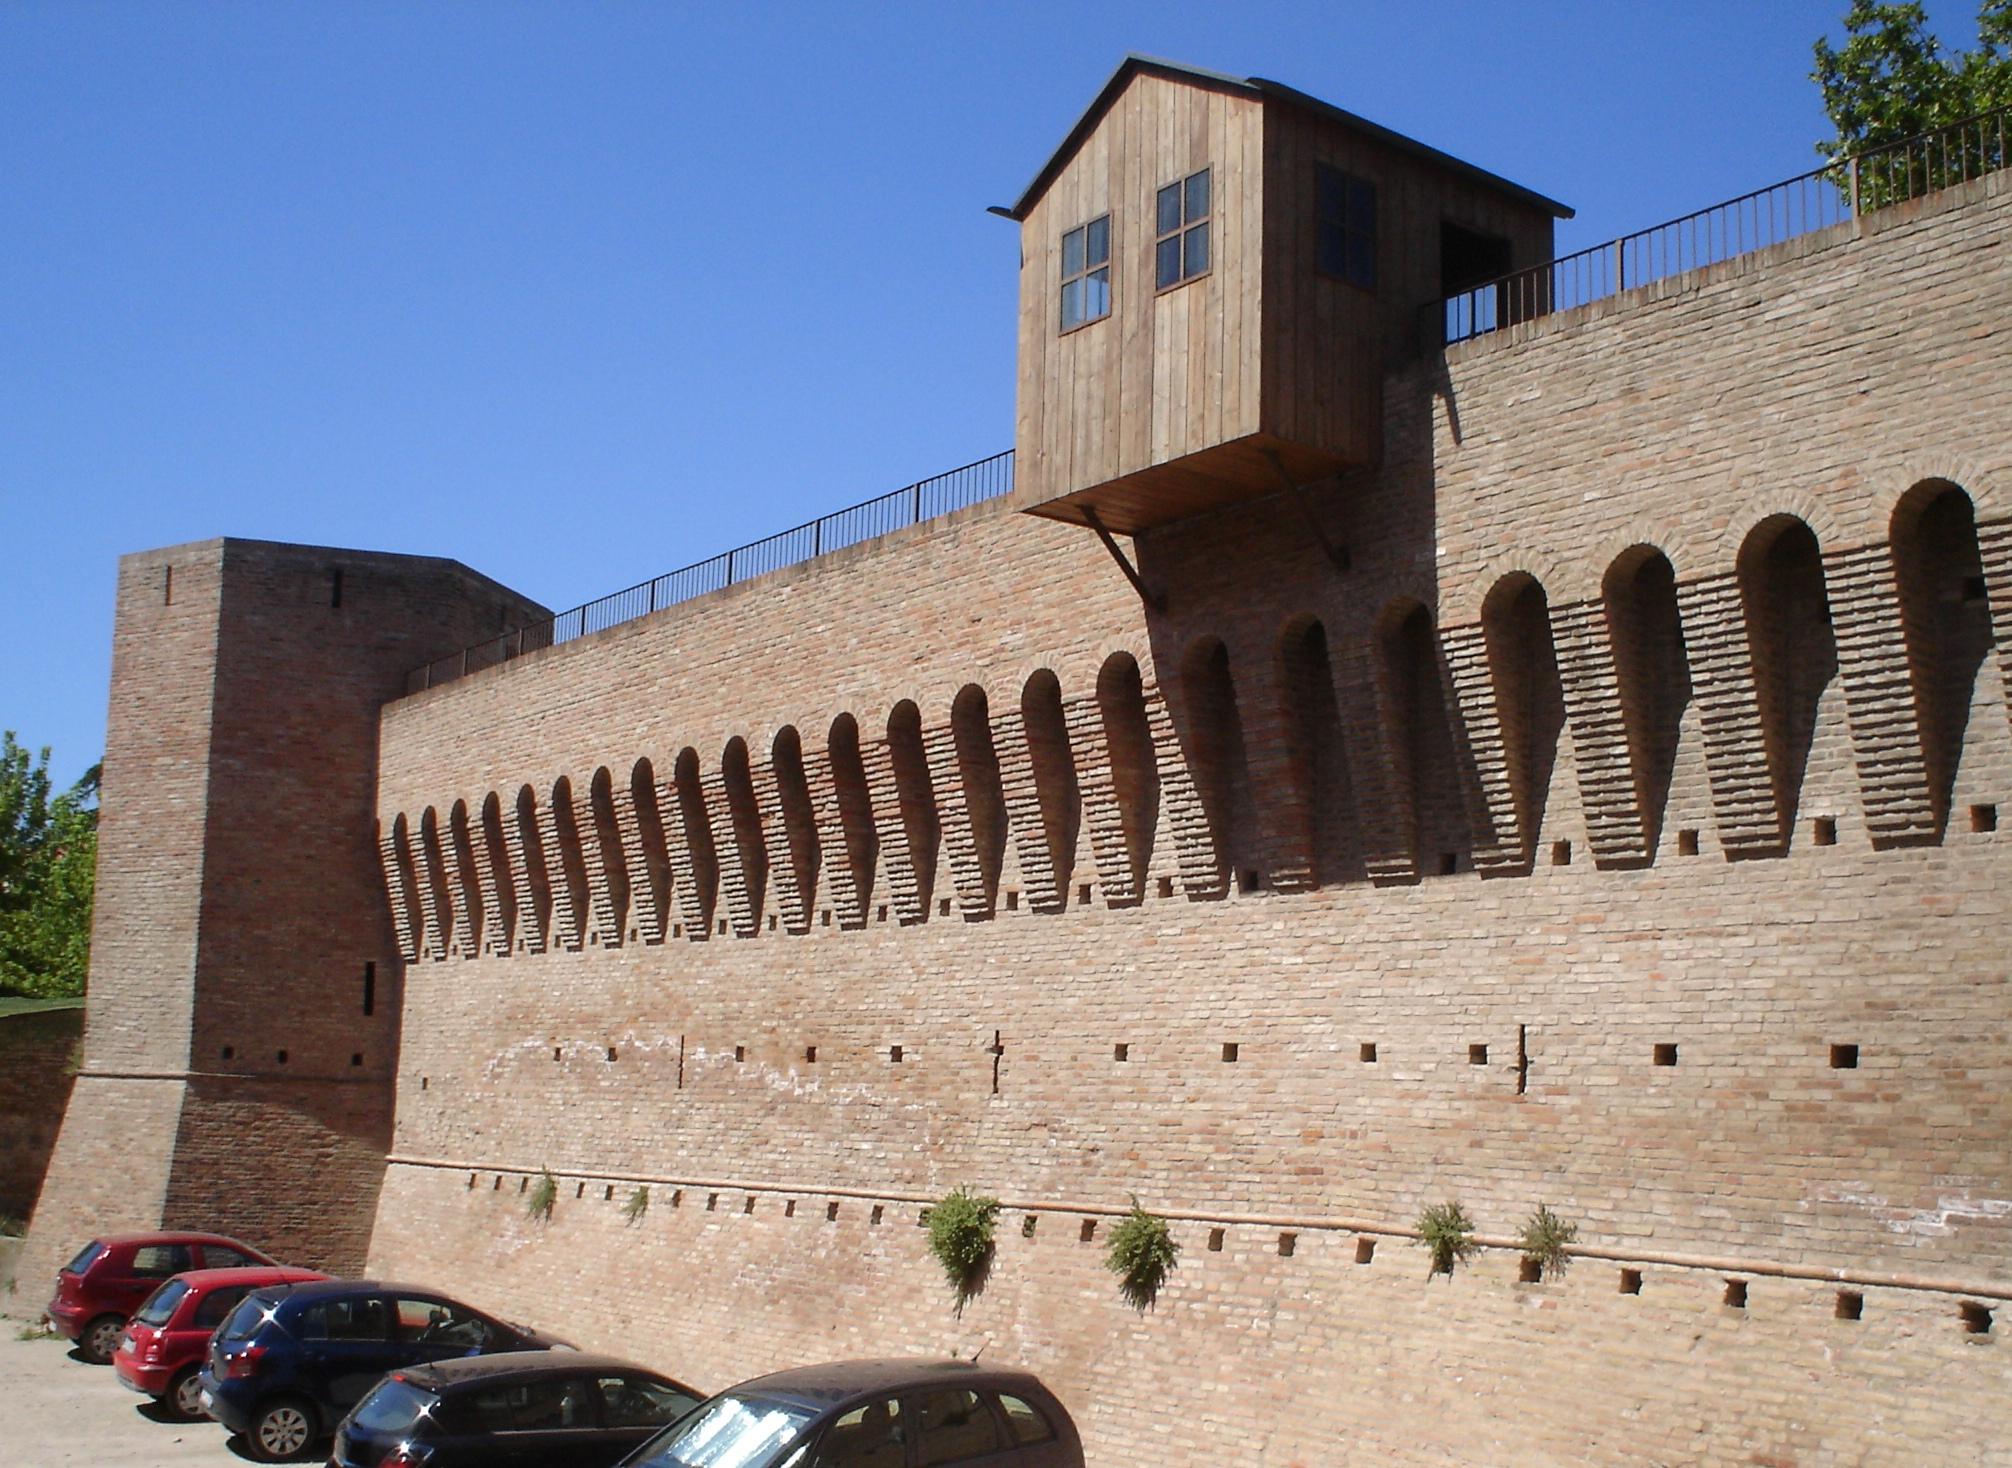 Ian paice a gatteo forl cesena castello malatestiano for Gardini per arredare gatteo fc